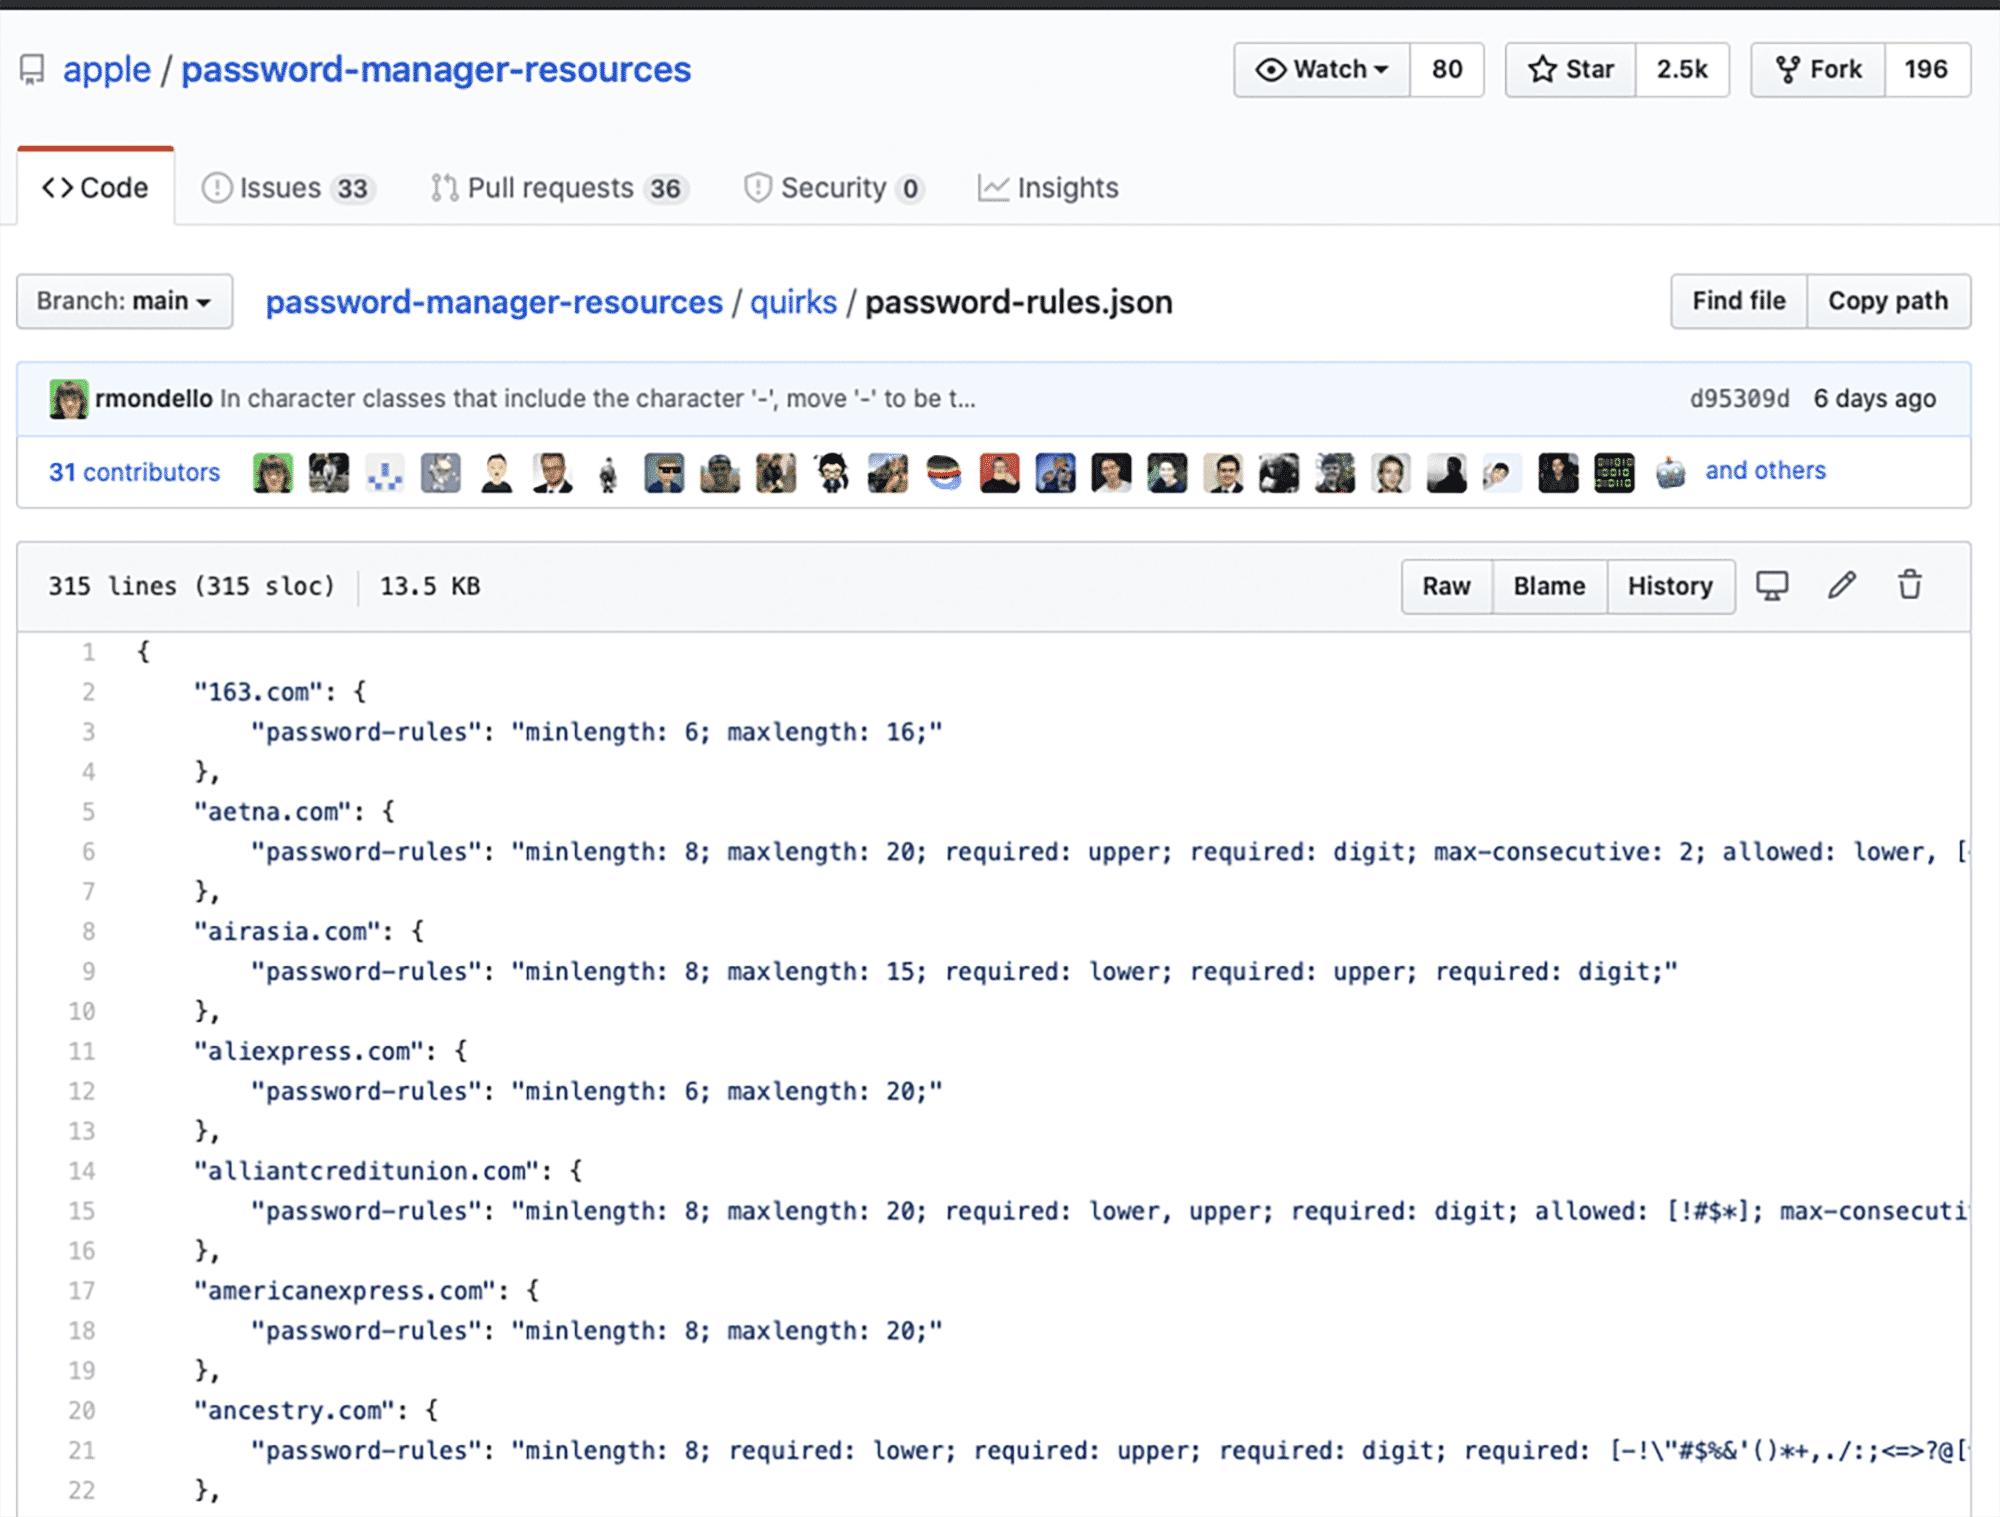 In einem GitHub-Repository sammelt Apple die Kennwortrichtlinien von Websites. An dem Wissen dürfen sich Entwickler von Passwortmanagern bedienen. Beiträge von Anwendern sind willkommen.